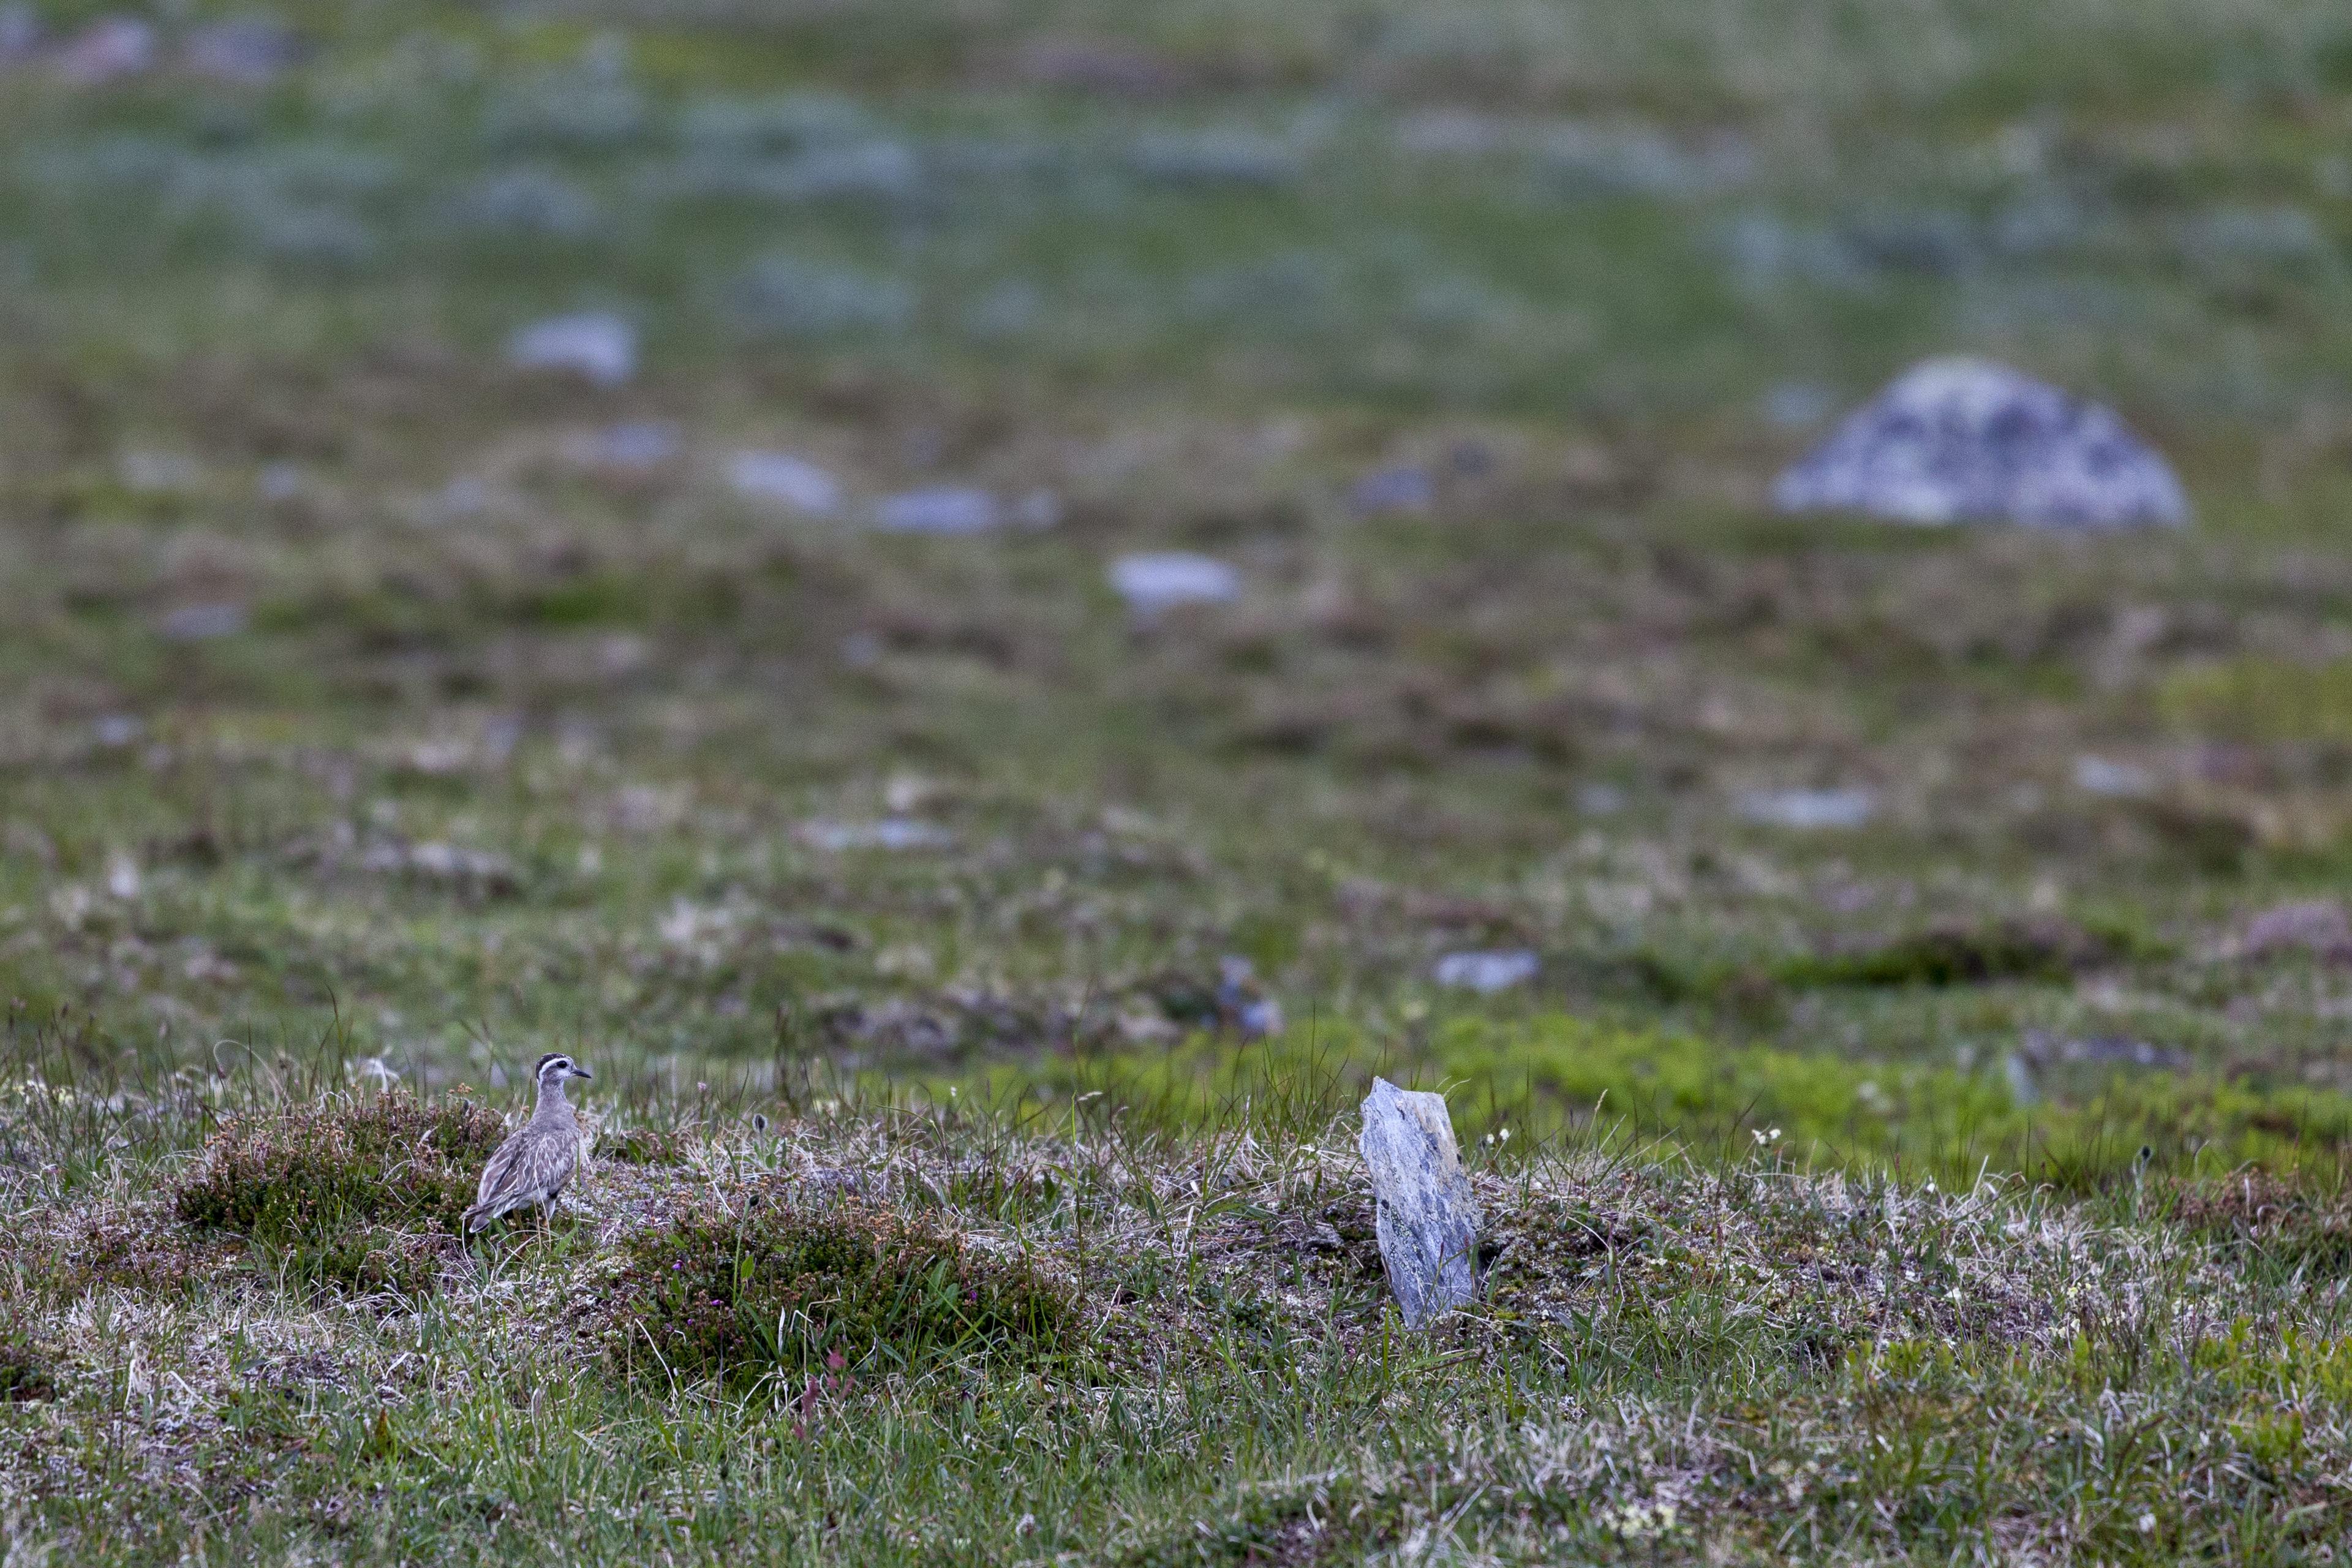 Gut getarnter schwedischer Vogel,©Markus Proske—Canon EOS 5D Mark II, EF70-300mm f/4-5.6L IS USM, 300mm, 1/320s, Blende 5.6, ISO 800